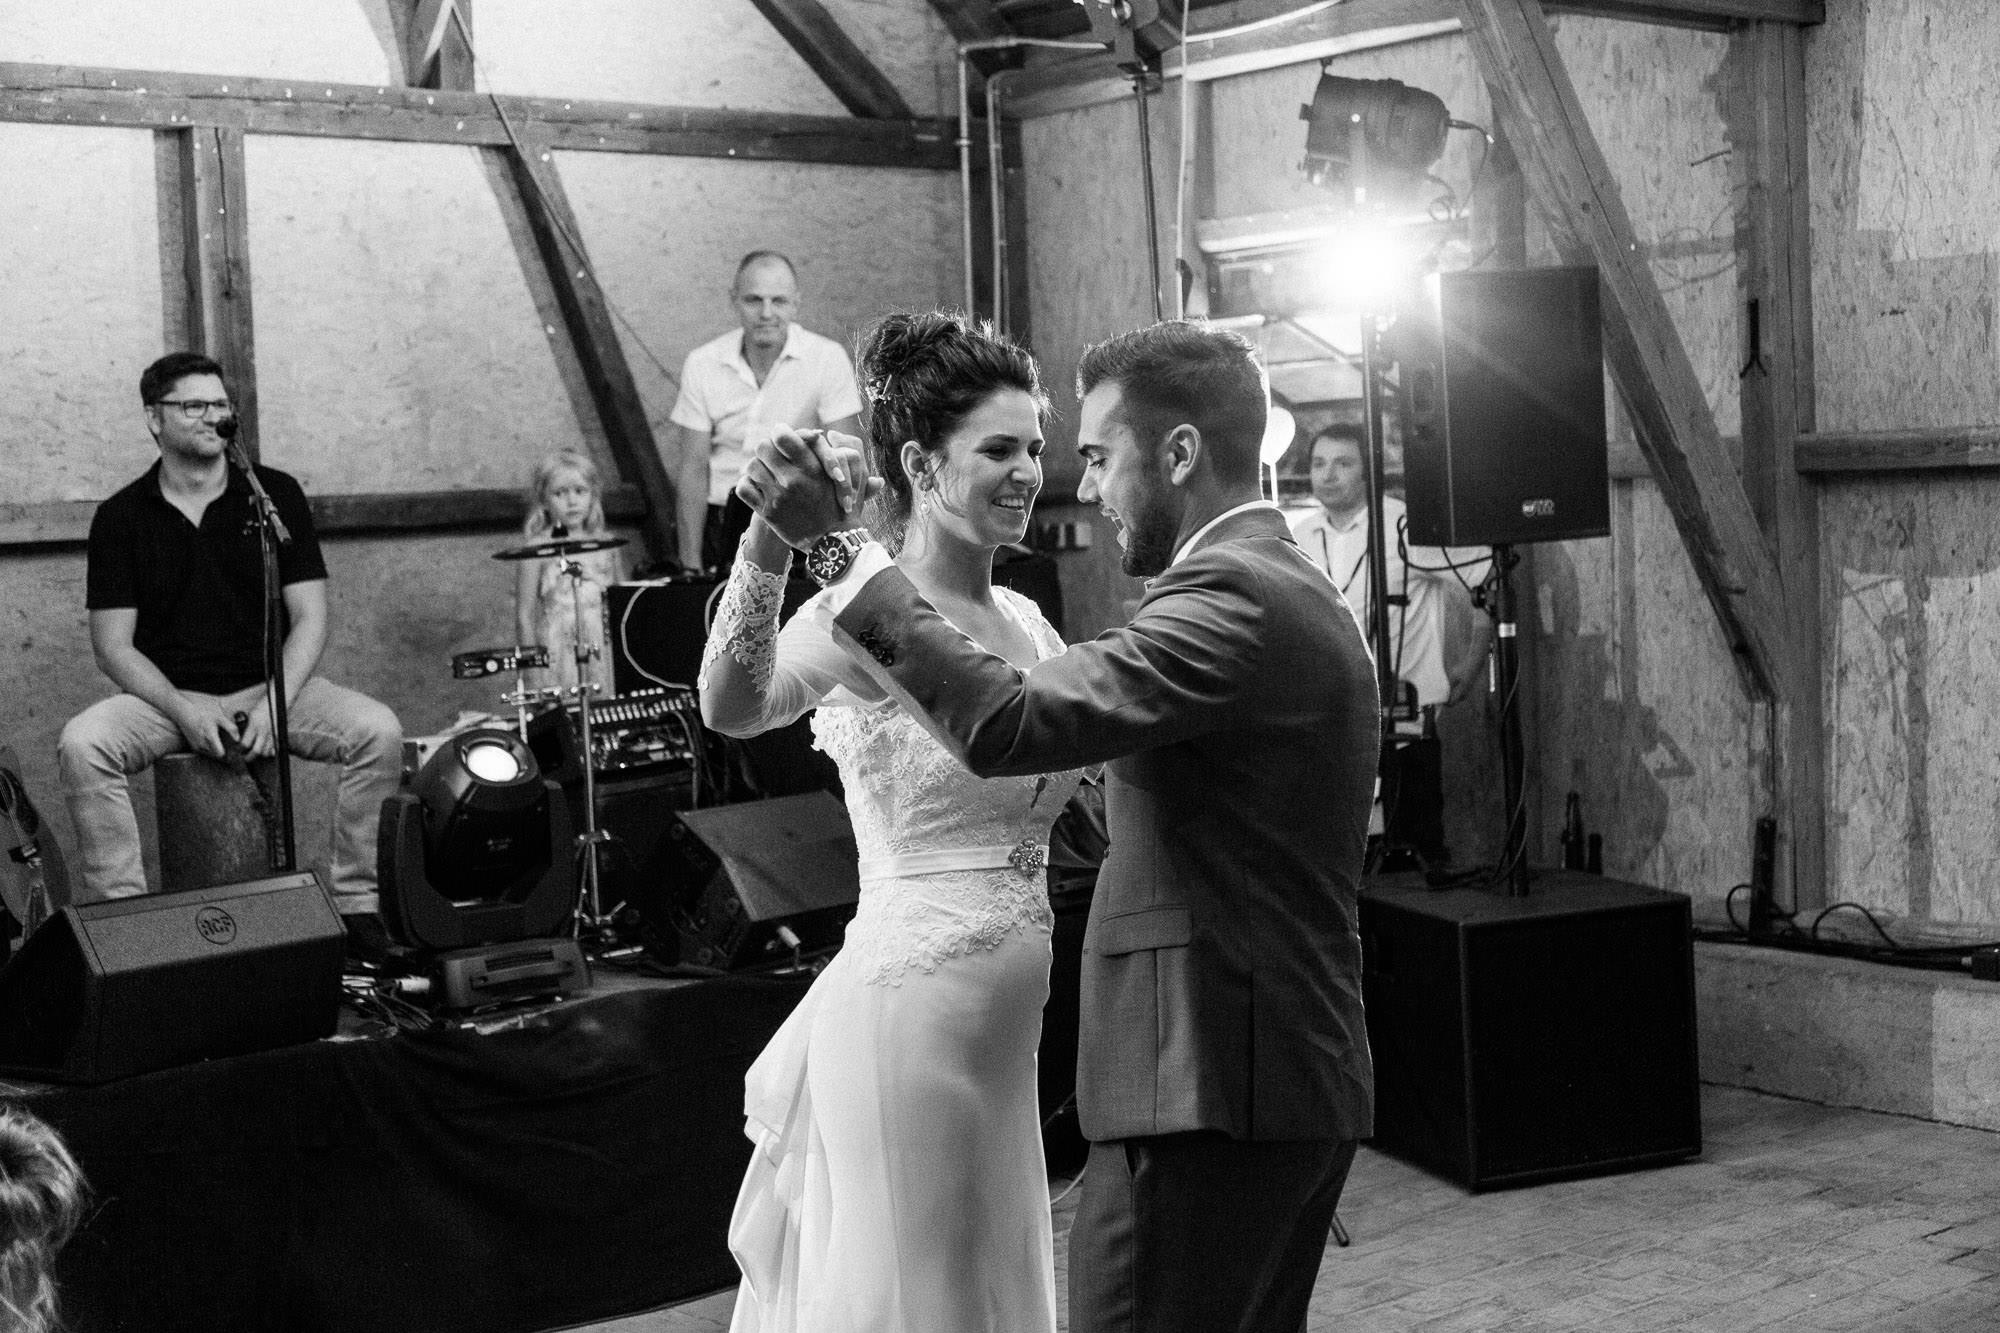 Sommerhochzeit in einer Scheune von Julia & Marco - Hochzeitsreportage fotografiert von Yvonne & Rolland Photography